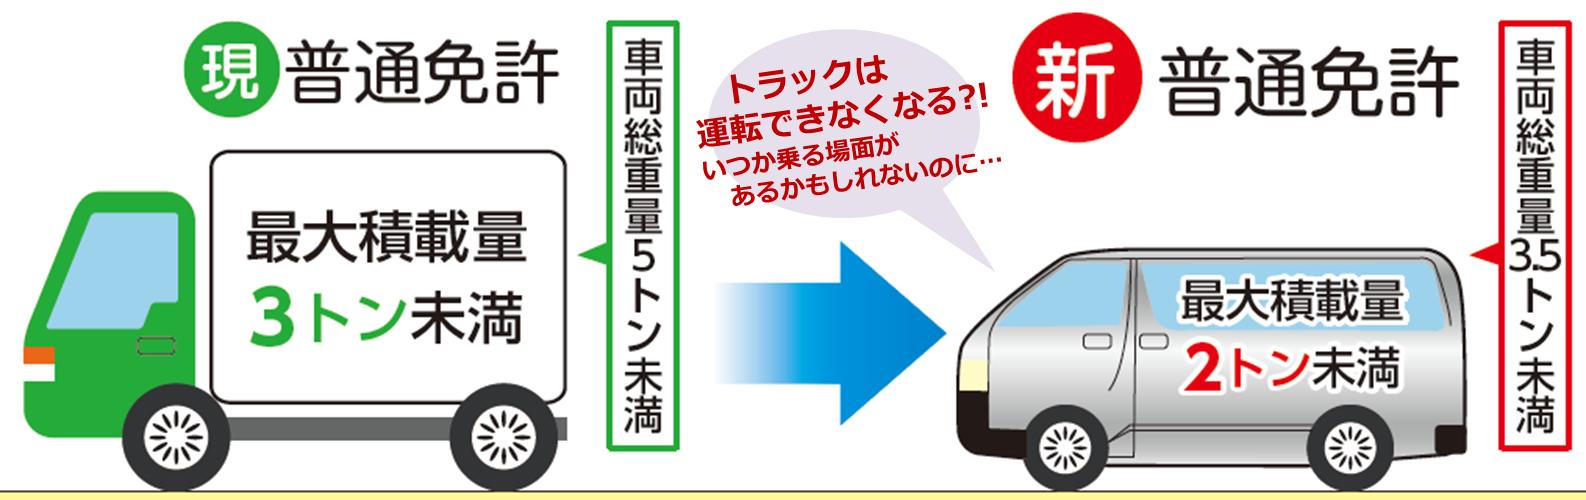 平成29年3月12日 道路交通法改正...